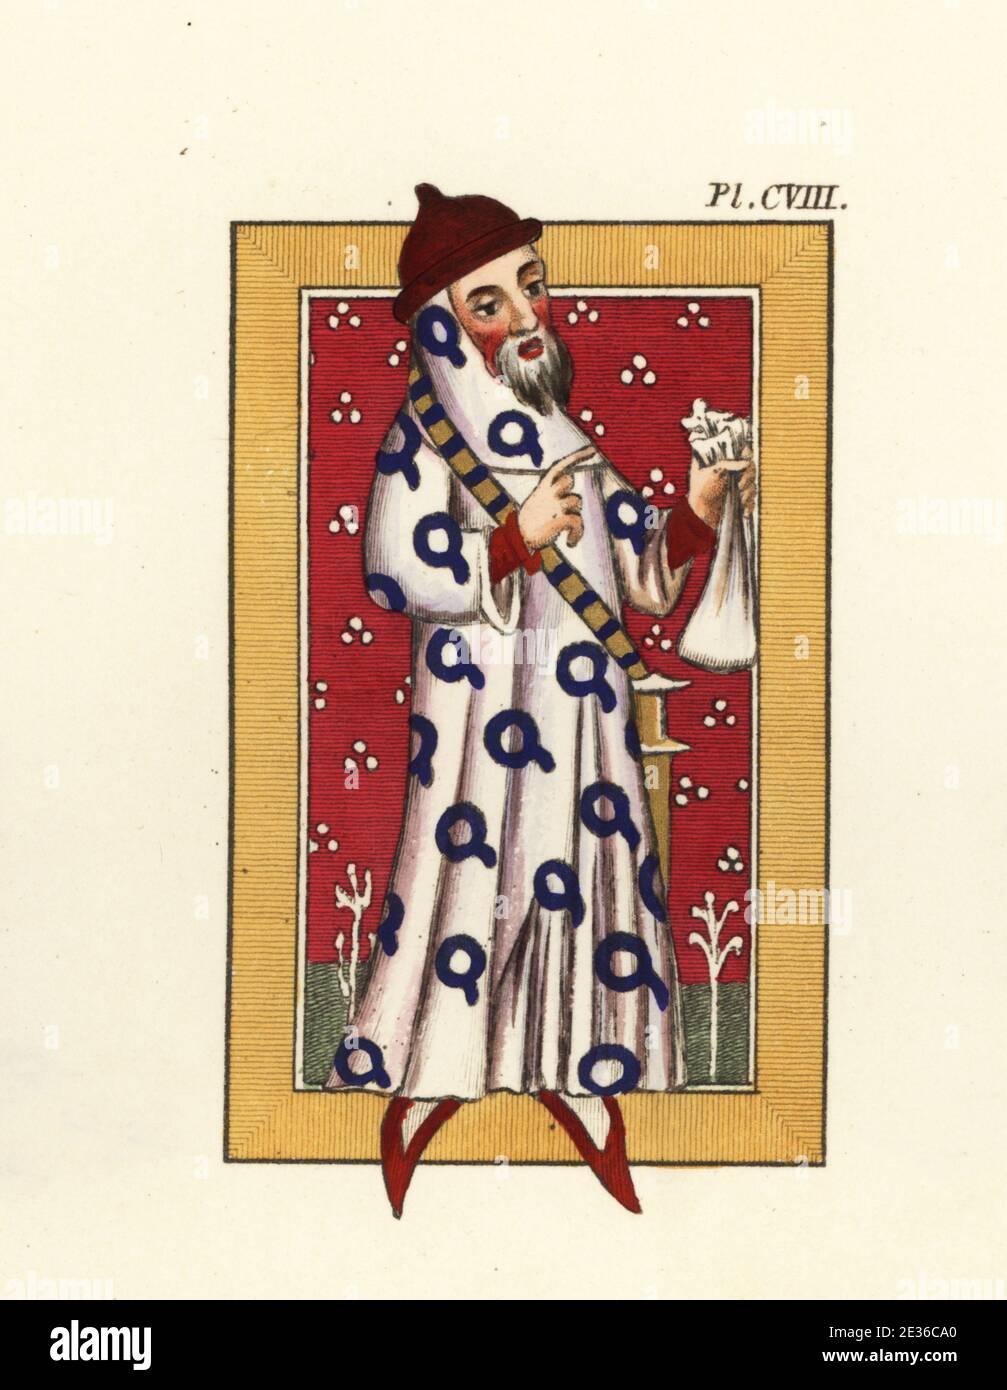 Sir Neil Loring (Nigel Lorringe), soldado y diplomático inglés medieval y miembro fundador de la Orden de la Garter, c. 1320-1386. Hombre viejo en gorra roja y zapatos, bata blanca decorada con garters azules, sosteniendo un bolso. Del Libro de Oro de San Albans, algodón MS Nero D vii, f. Grabado de color a mano de Joseph Strutt desde su visión completa del vestido y los hábitos del pueblo de Inglaterra, Henry Bohn, Londres, 1842. Foto de stock